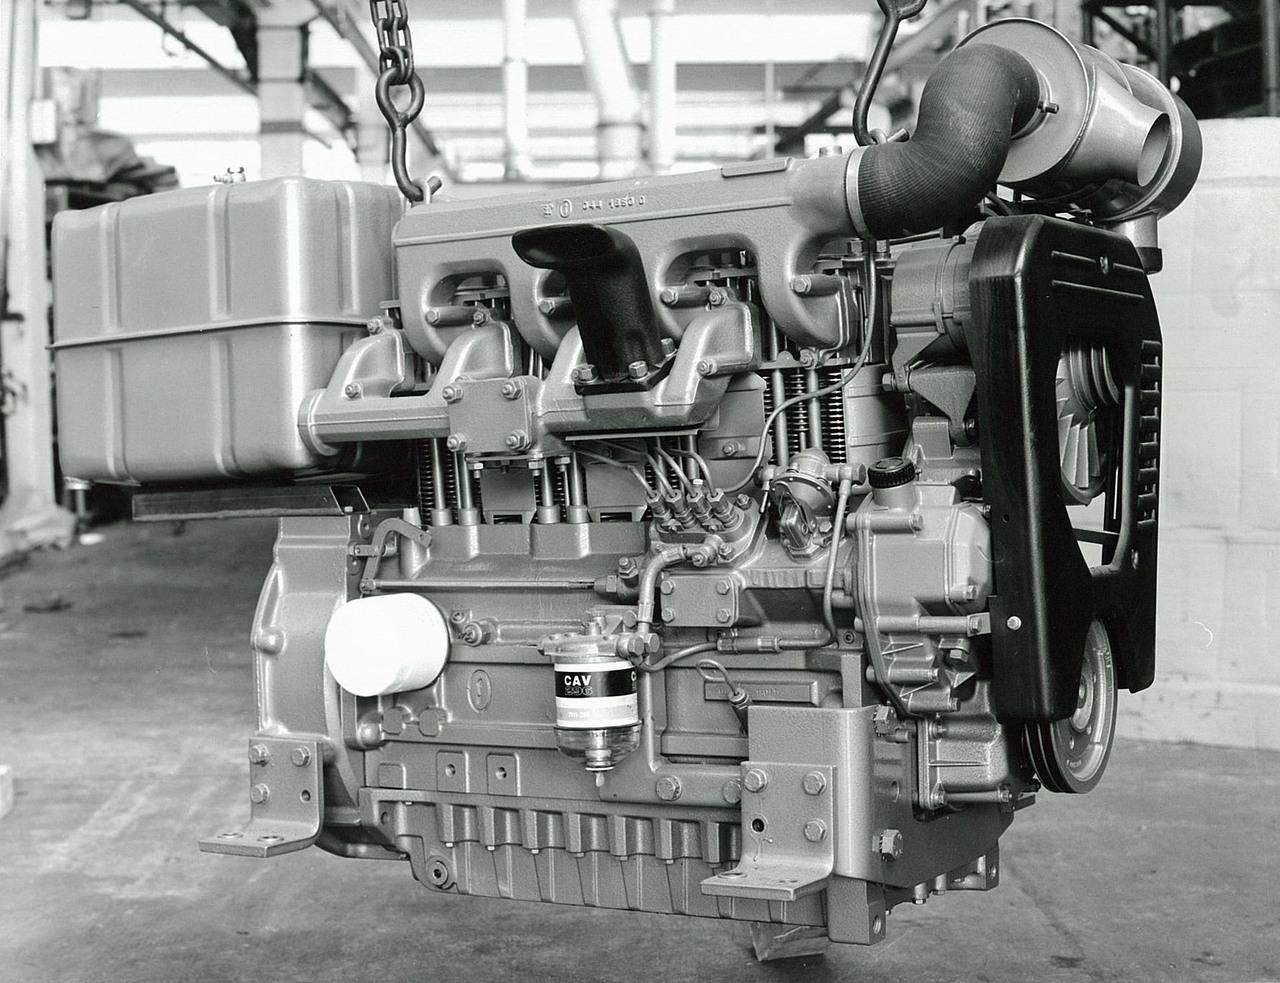 Motore SAME/ADIM serie P per uso industriale - 4 cilindri